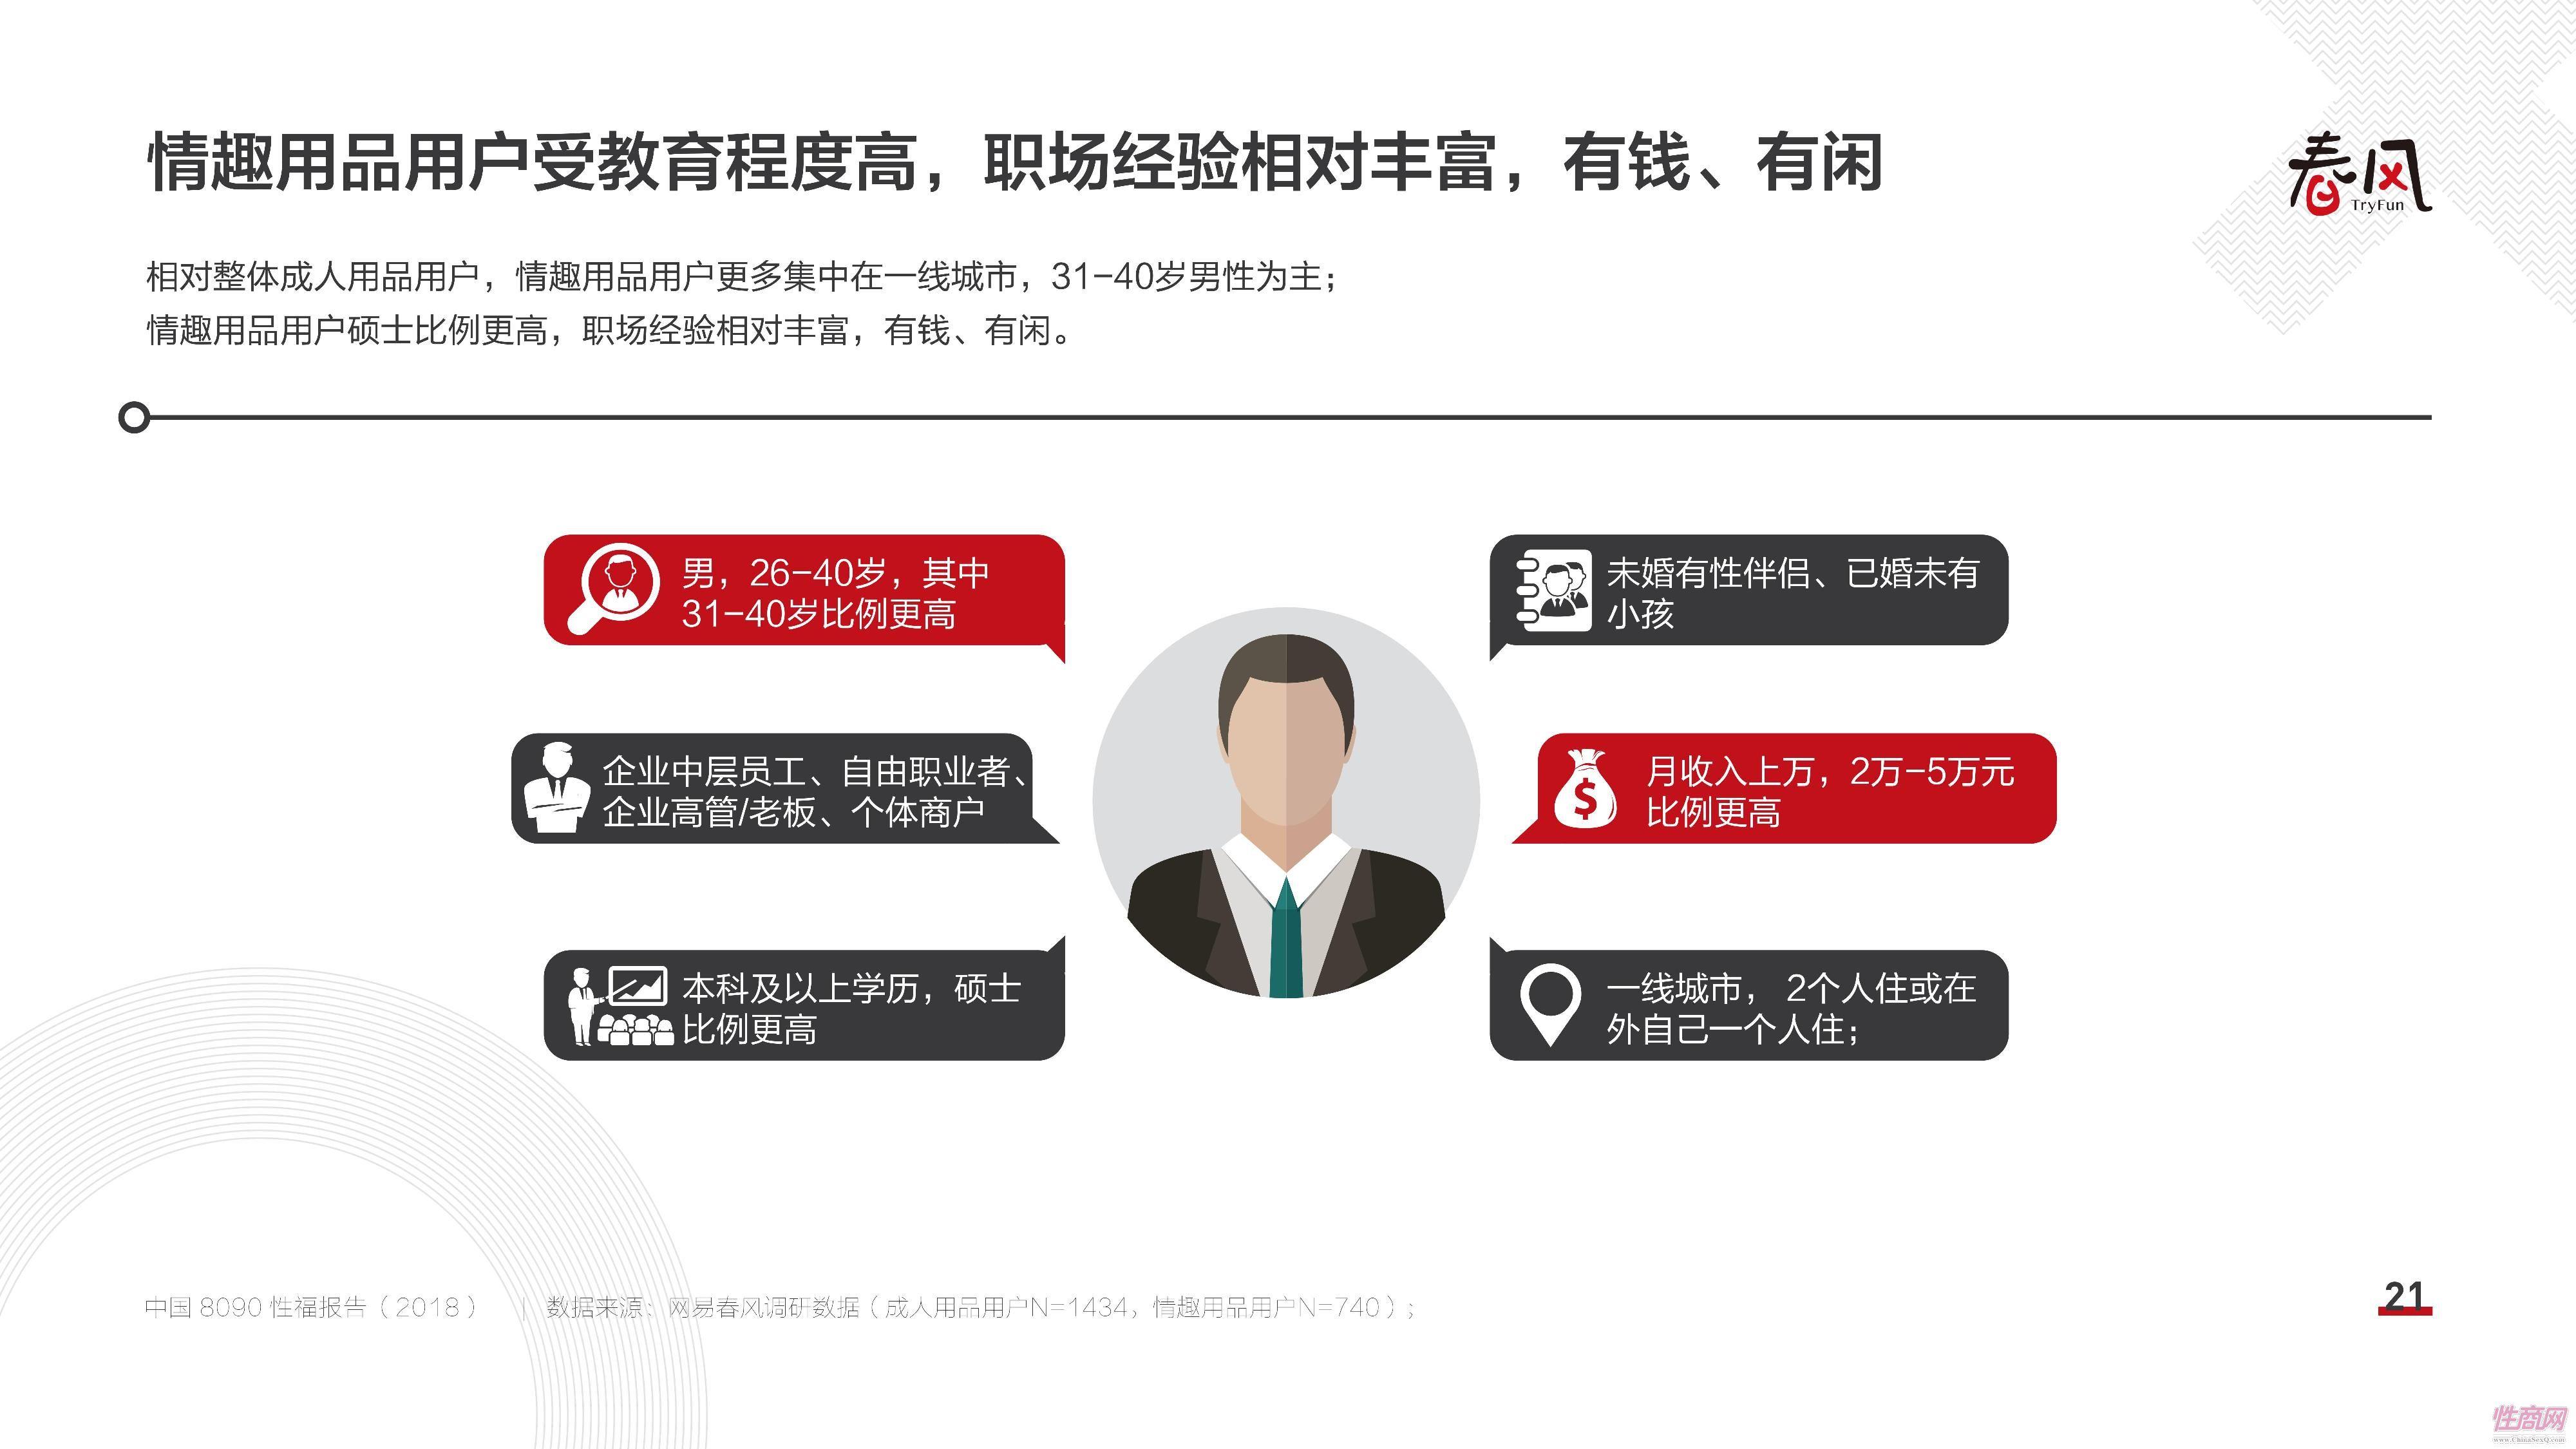 18中国8090性福报告 (20)